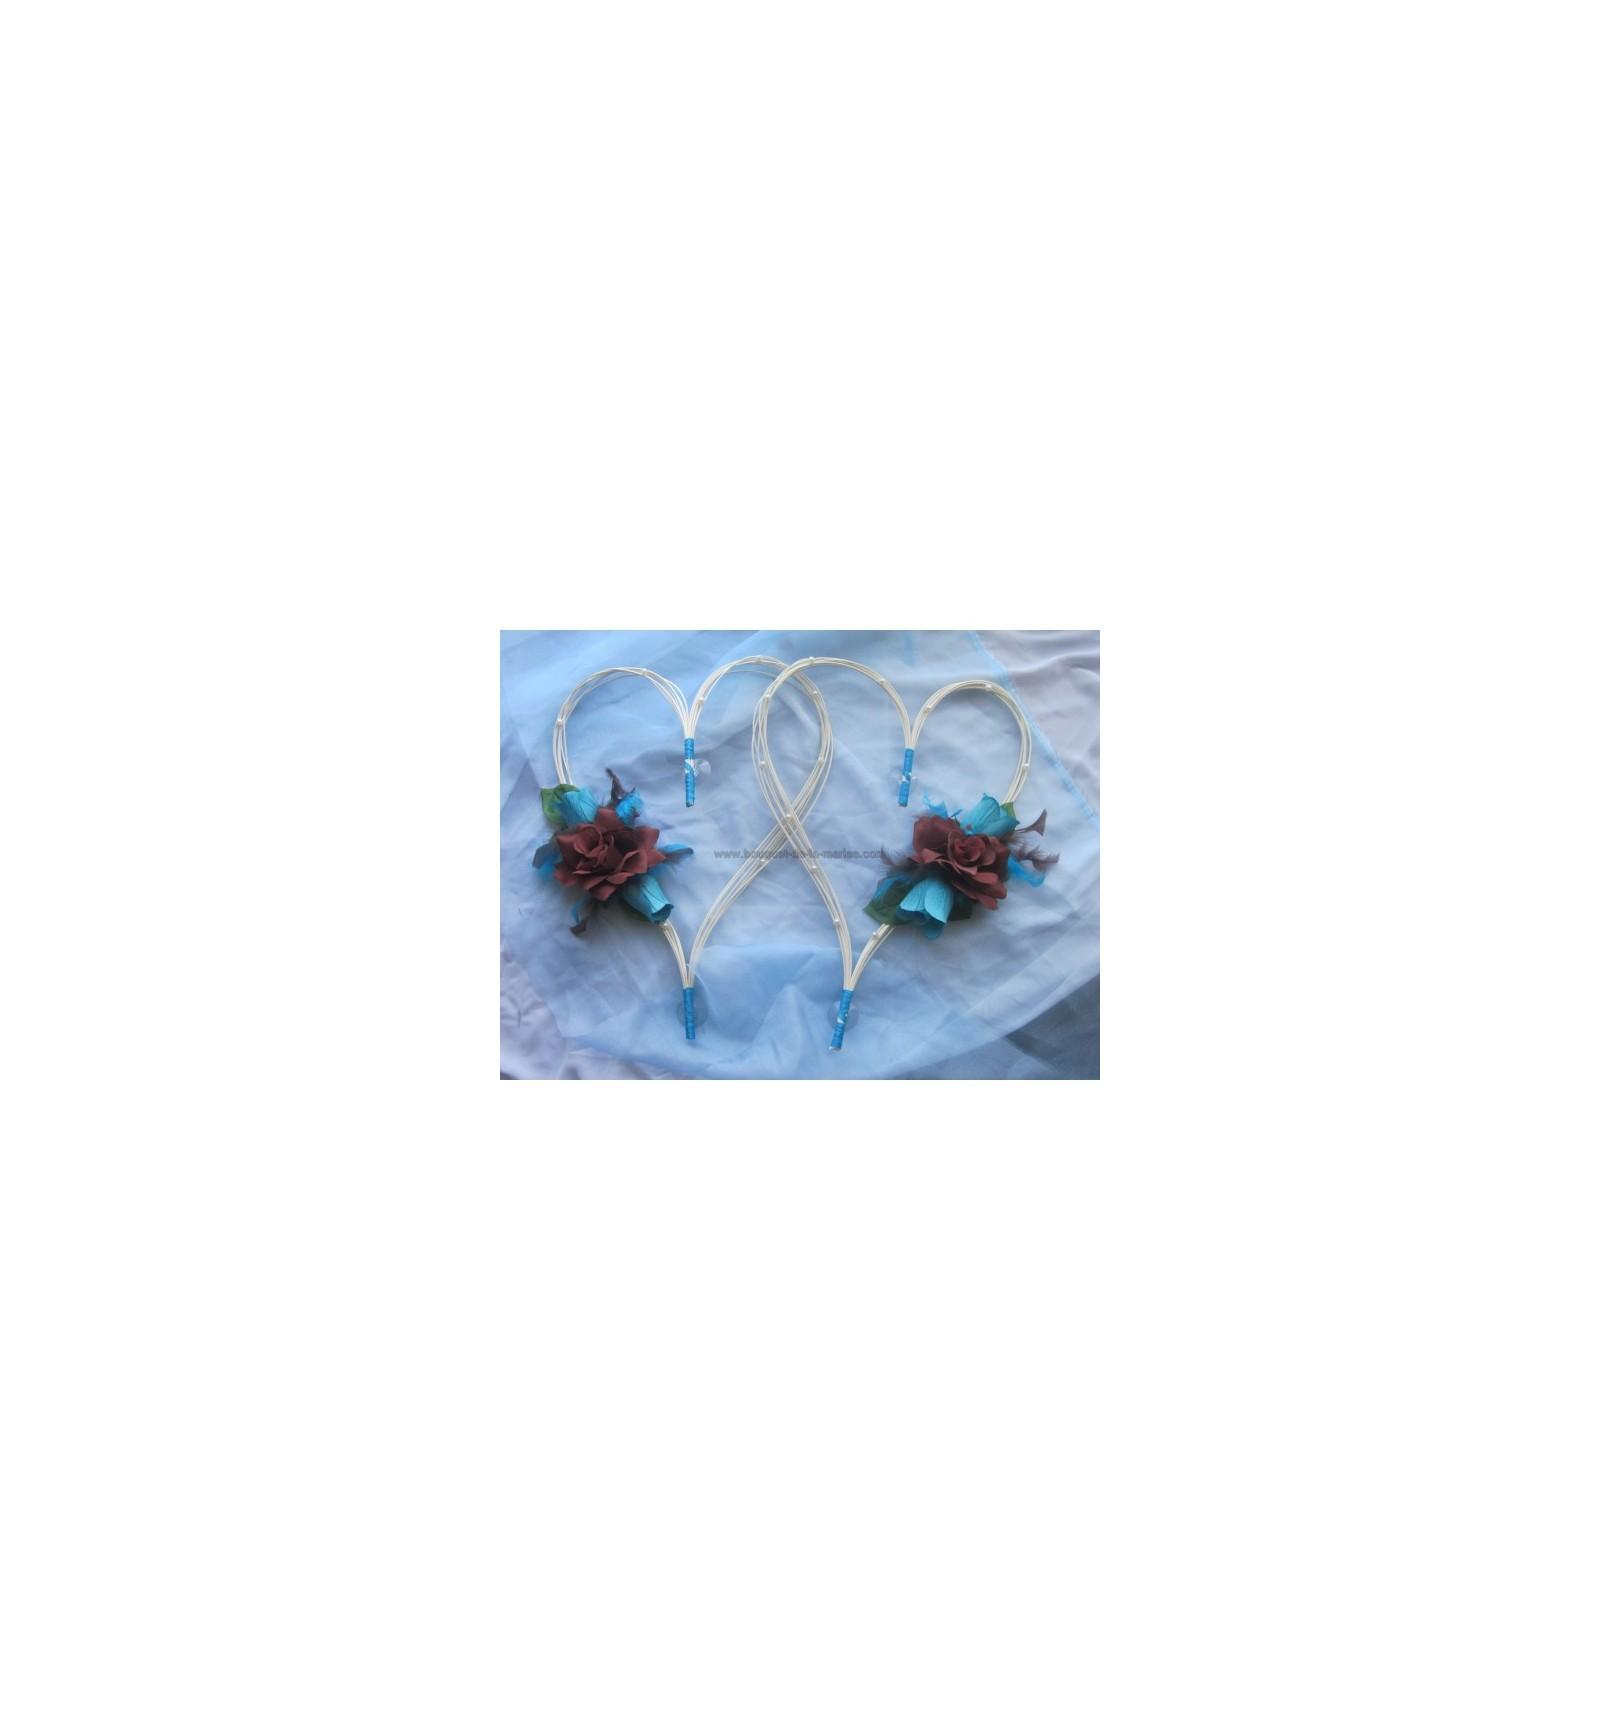 Déco Turquoise Et Chocolat Pour Mariage : Coeurs pour voiture mariées turquoise et chocolat